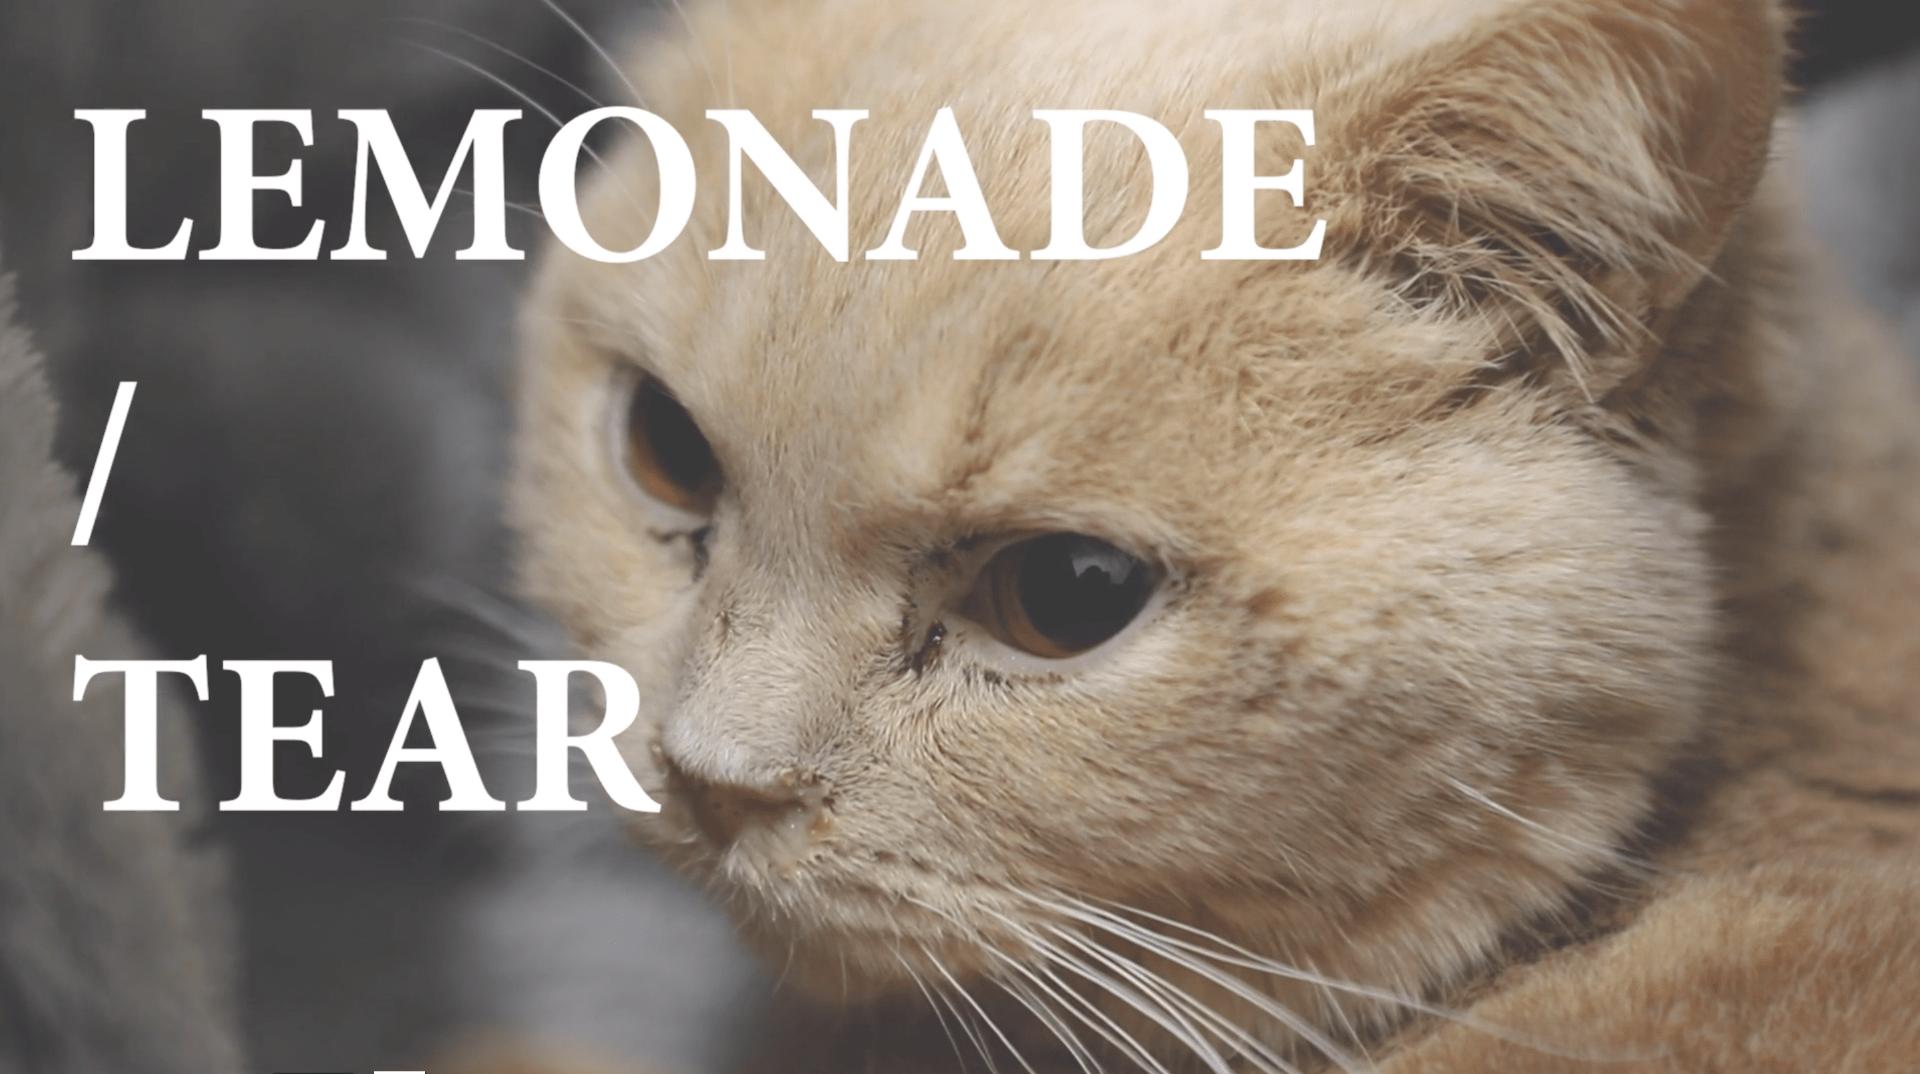 Time Project 3–Lemonade/Tear